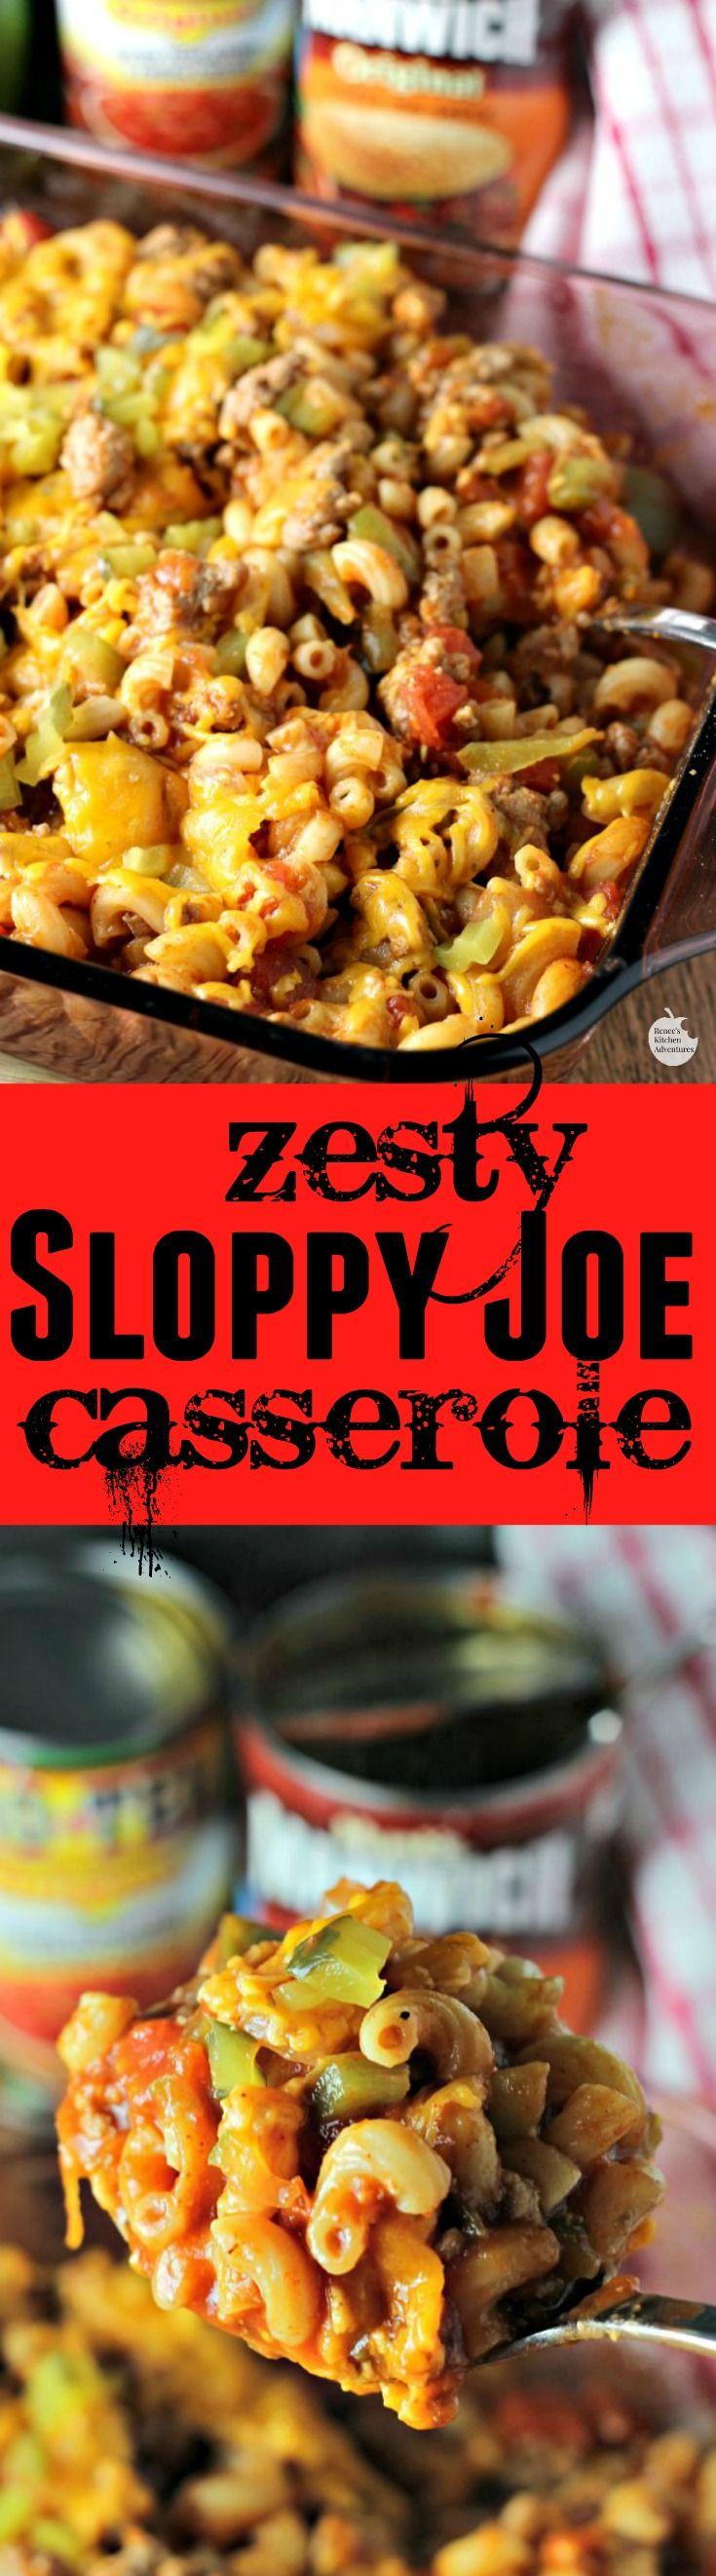 Zesty Sloppy Joe Casserole | by Renee's Kitchen Adventures – Easy recipe for a spicy Sloppy Joe casserole perfect for weeknight